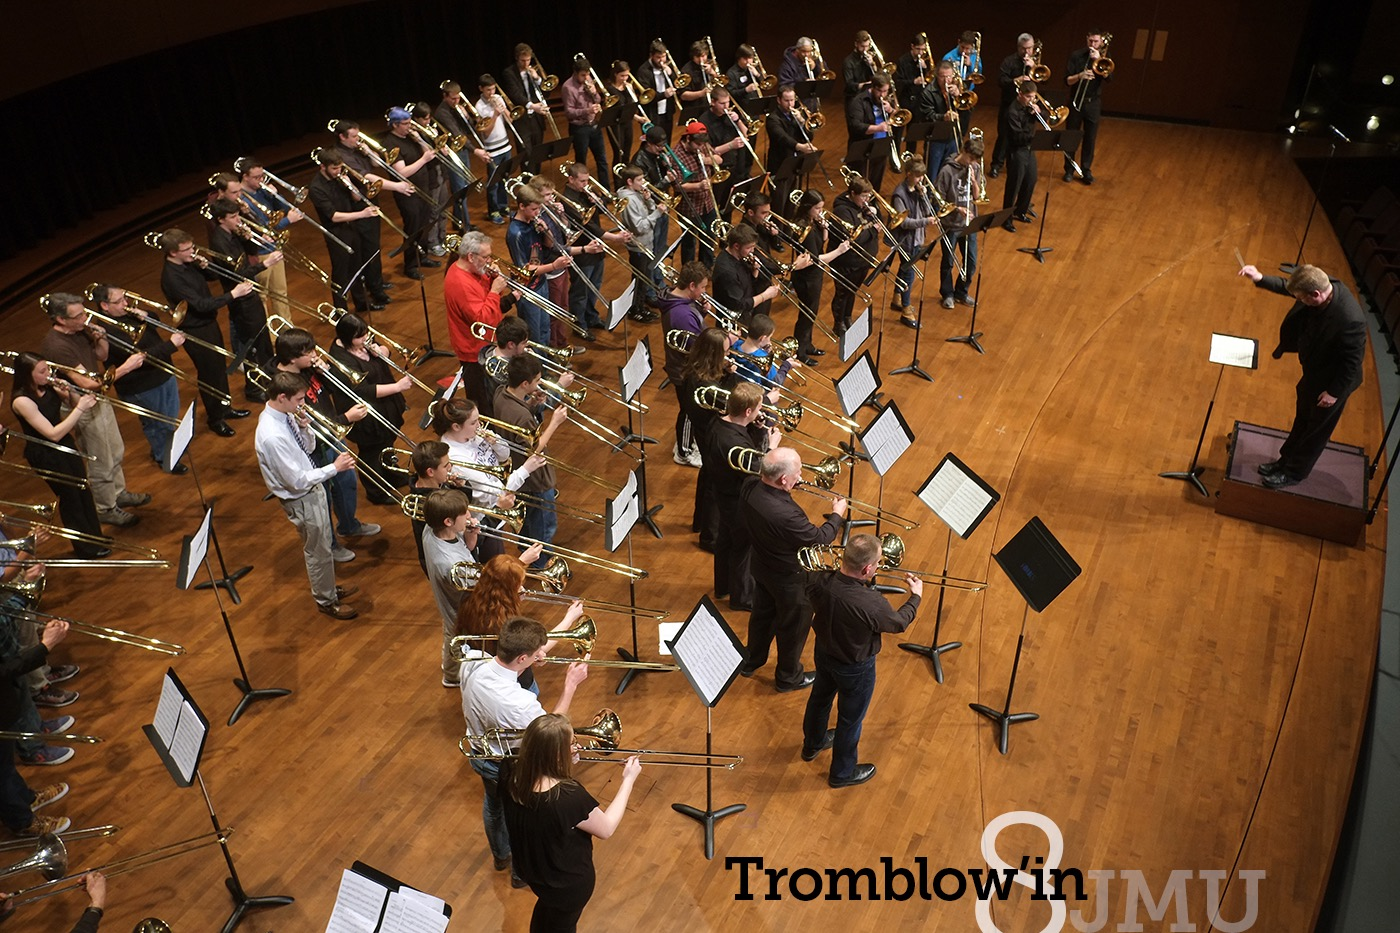 Tromblow'in 8 Mass Trombone Choir